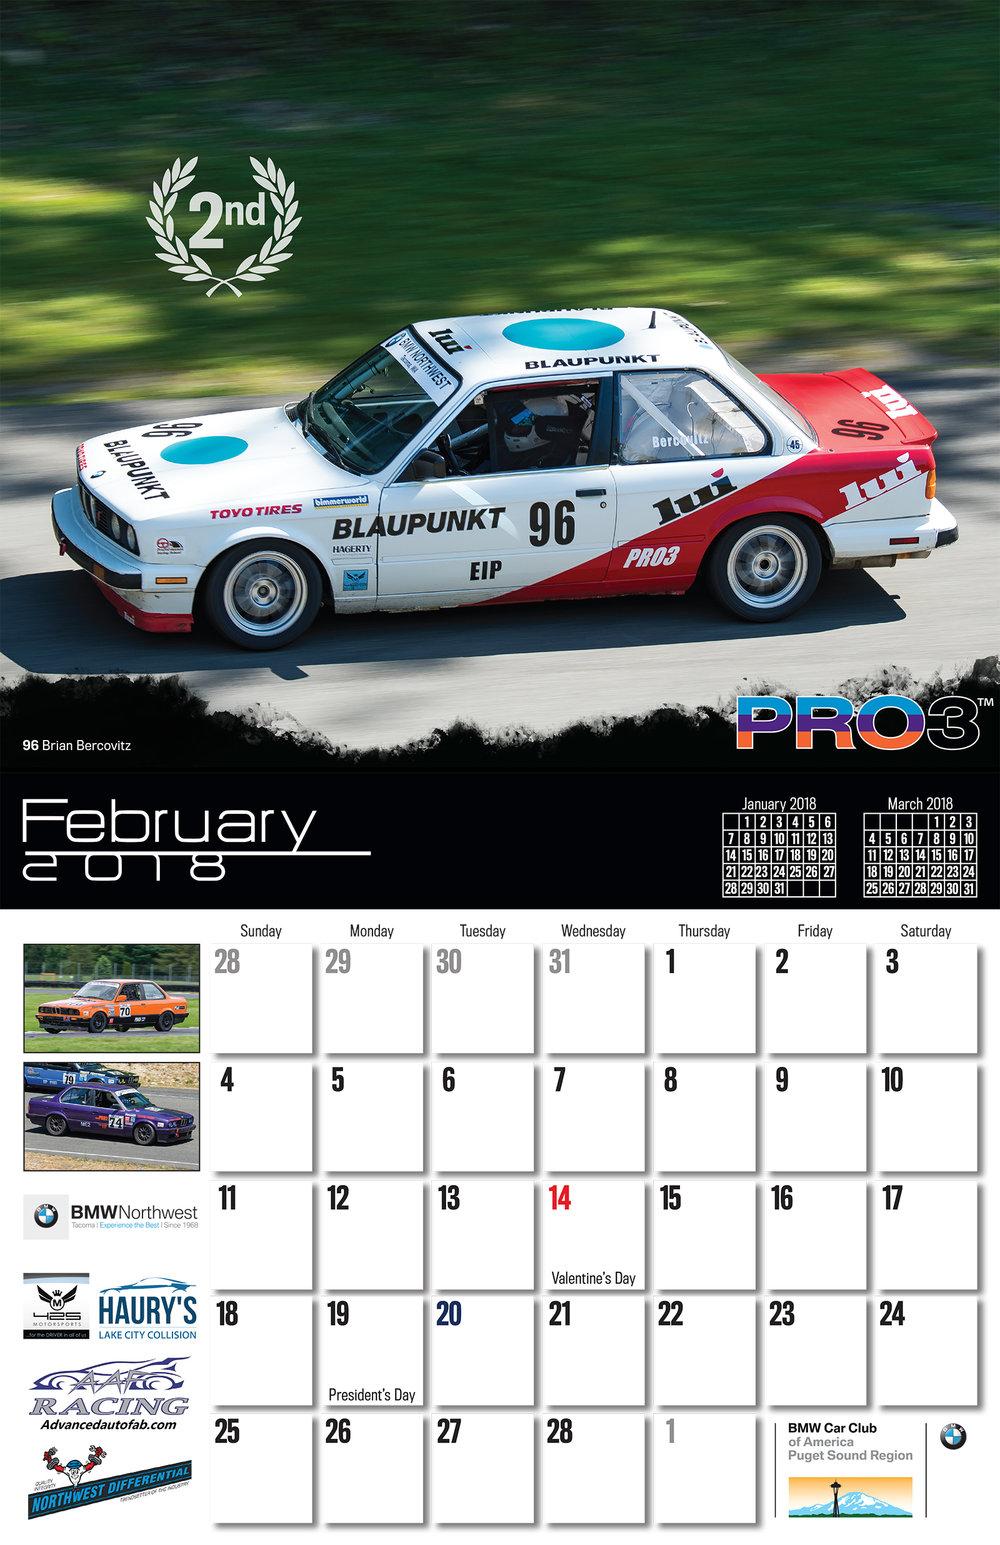 PRO3_Calendar_2018_02-Feb.jpg